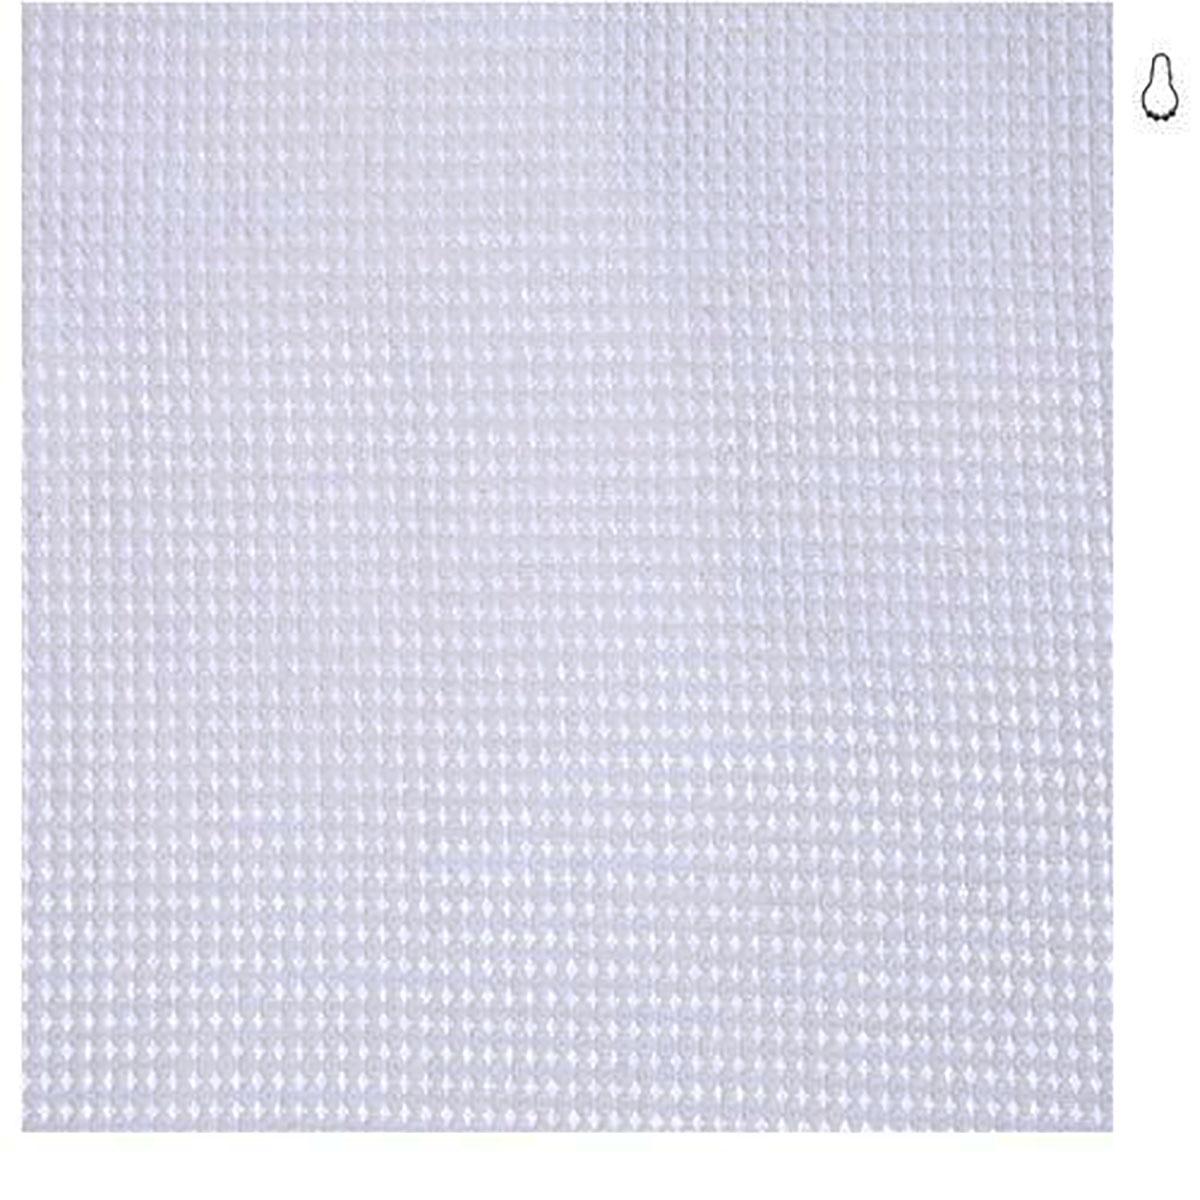 Rideau de douche en mini nid d'abeille (Blanc)